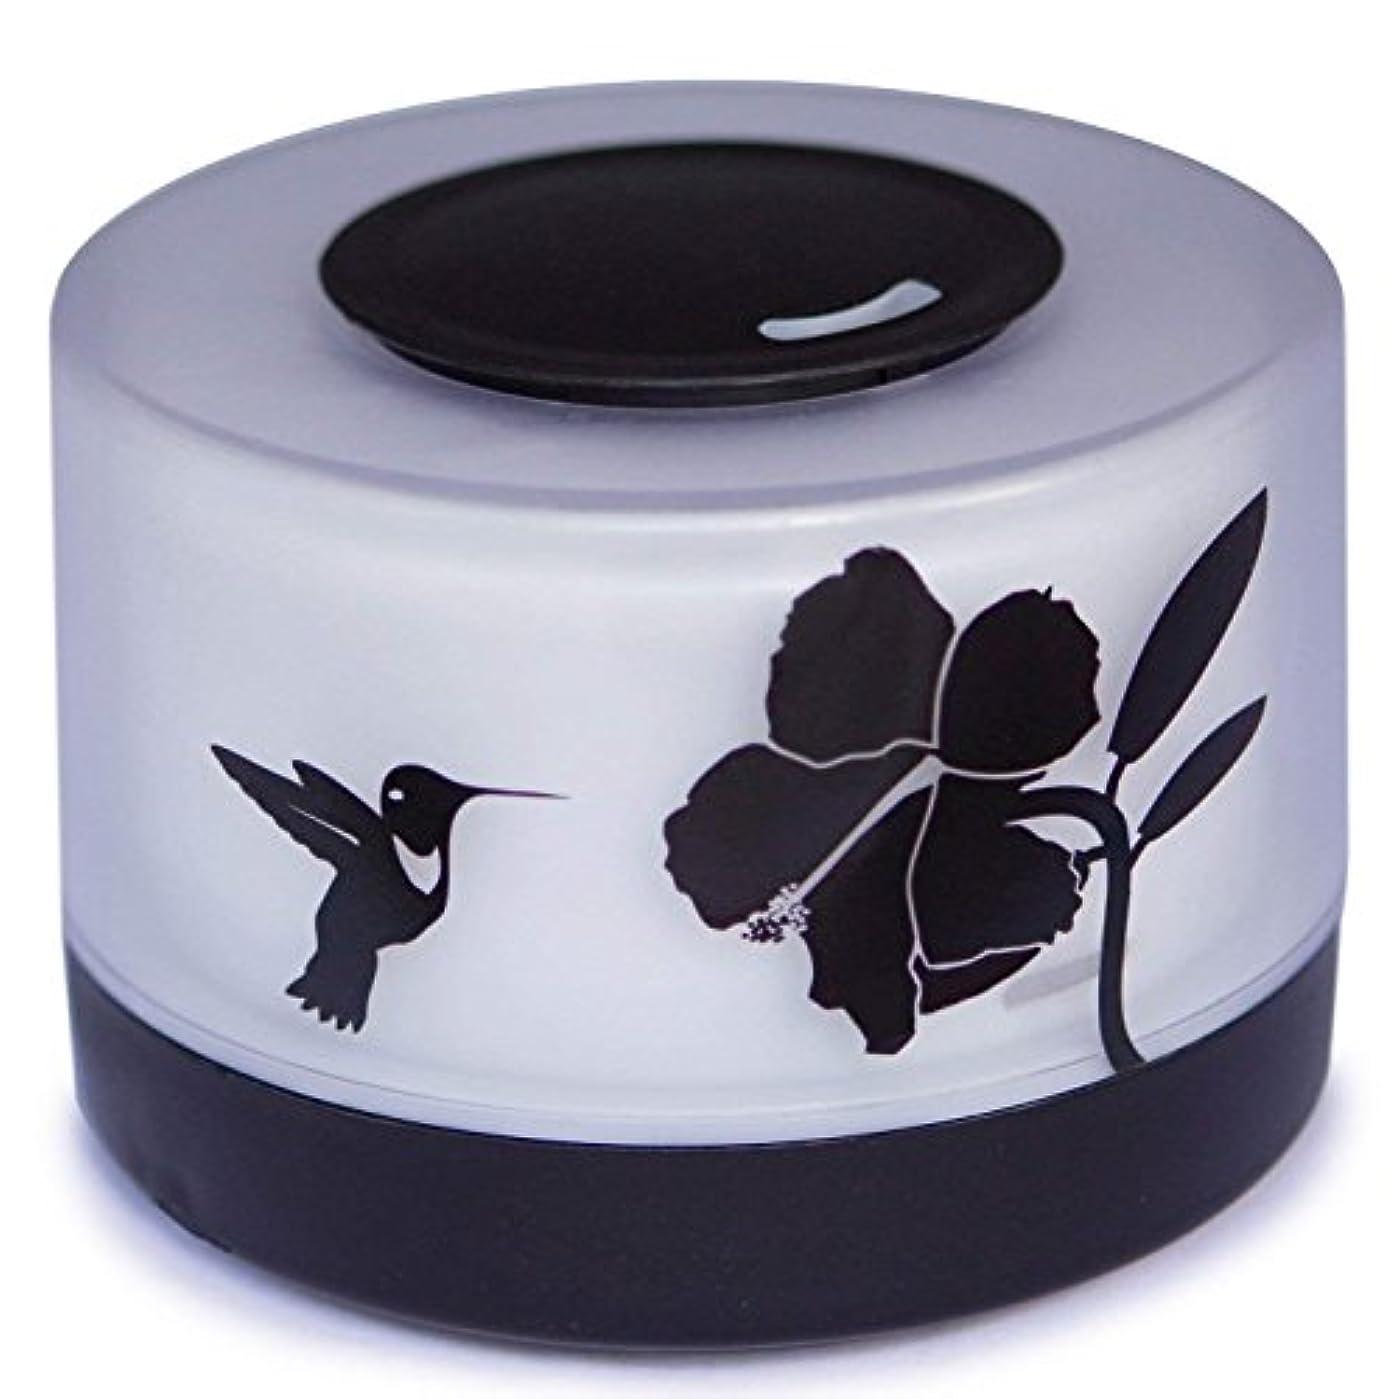 にぎやか適合キャプテンブライ【Amour@Home】超音波式 アロマディフューザー 大容量 加湿器 500ml (ハチドリ)